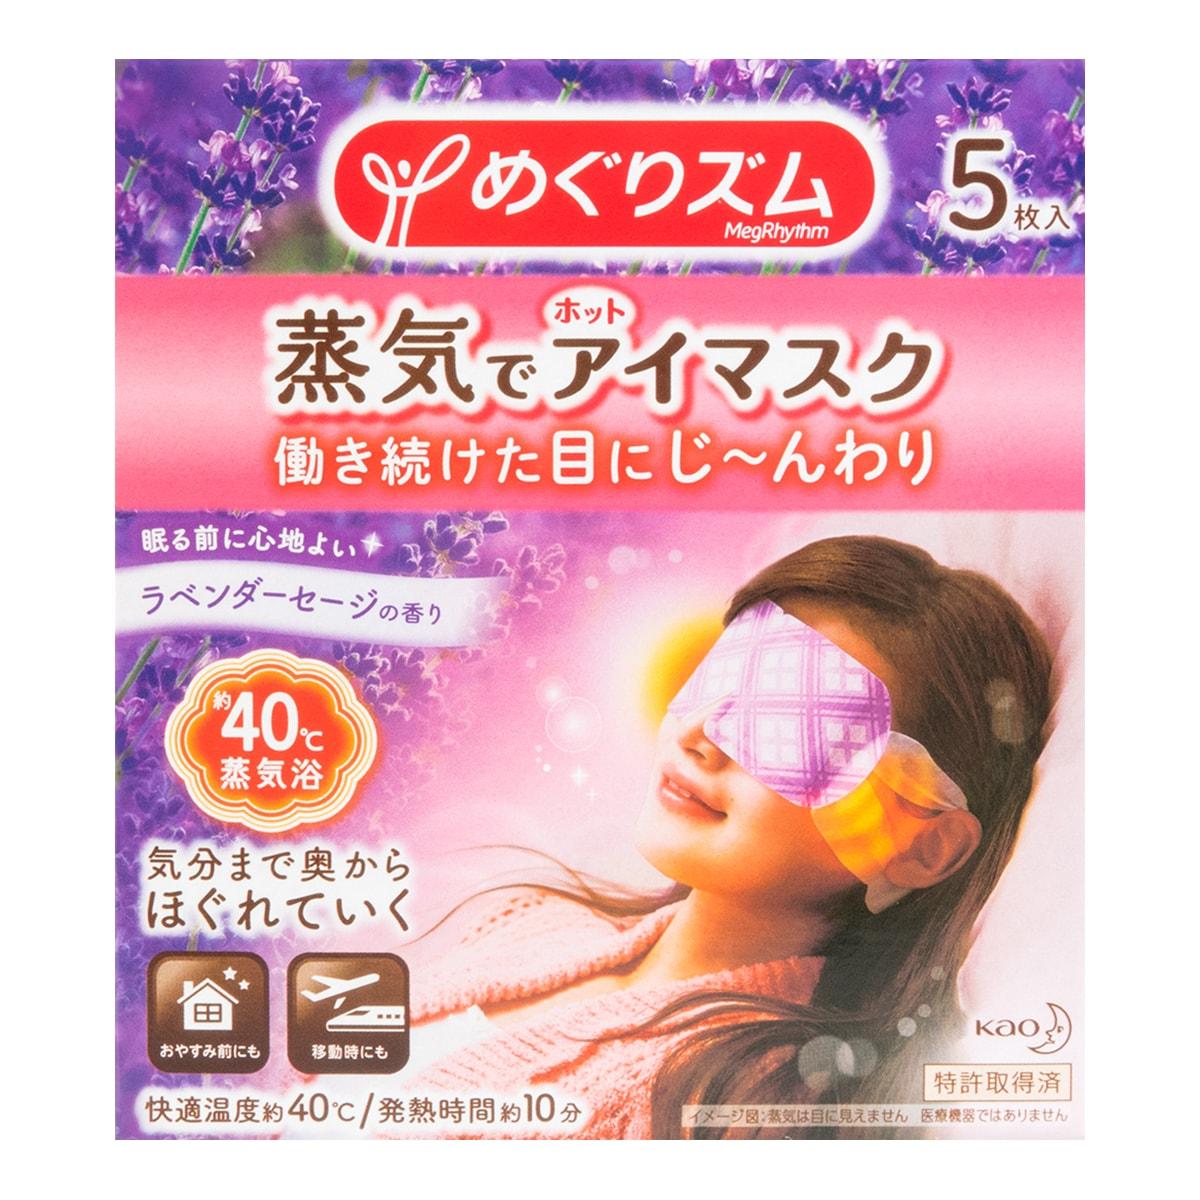 日本KAO花王 蒸汽保湿眼罩 缓解疲劳去黑眼圈 #薰衣草香 5枚入 怎么样 - 亚米网